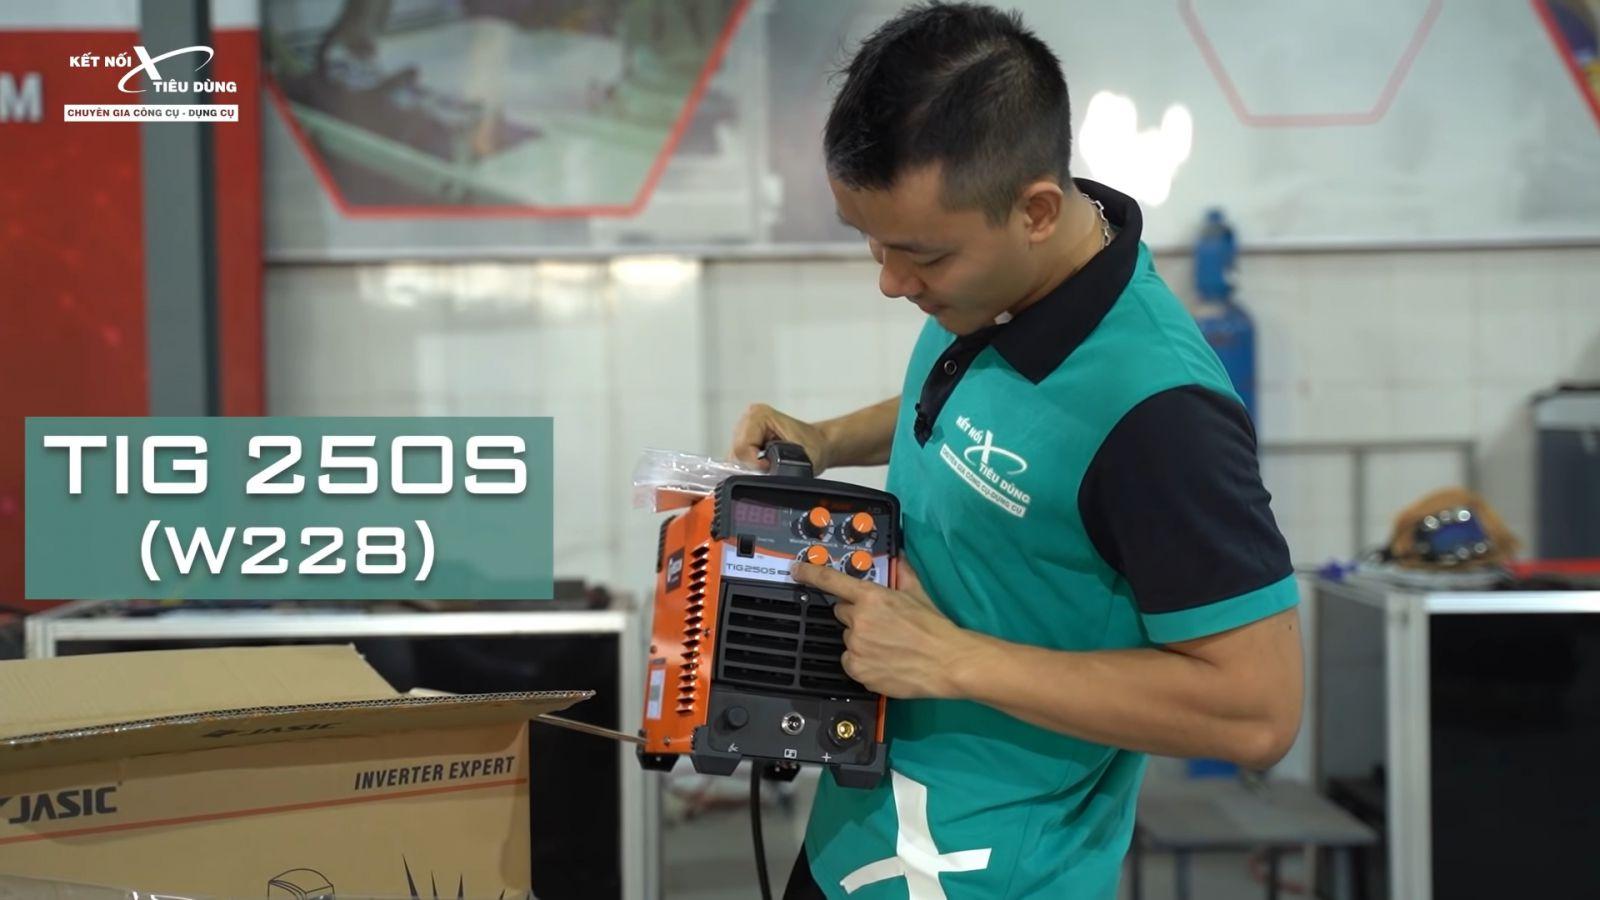 Review máy hàn Jasic TIG250S W228: nhỏ gọn, cao cấp, hàn Tig lạnh còn đẹp hơn hàn Tig thường - thông tin chi tiết máy hàn